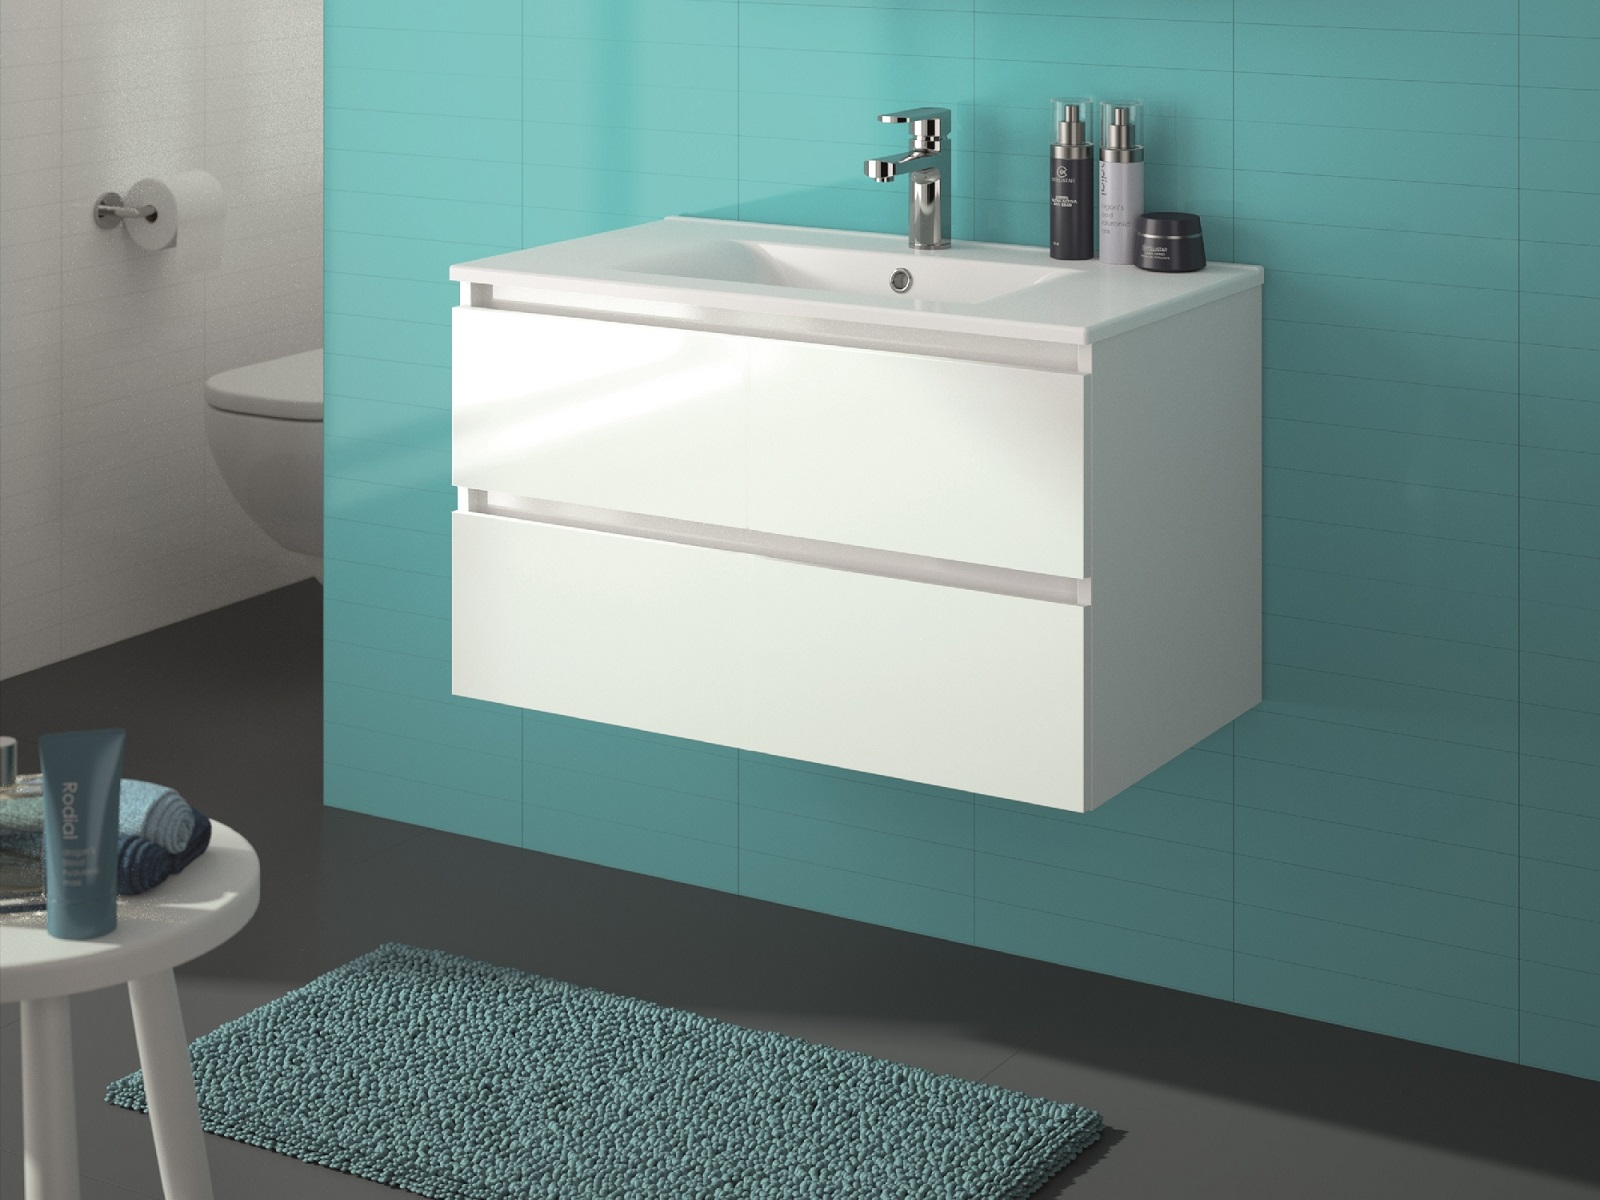 ALLIBERT Badmöbel-Set Badmöbel vormontiert weiß Glanz Softclose Waschtisch 80 cm